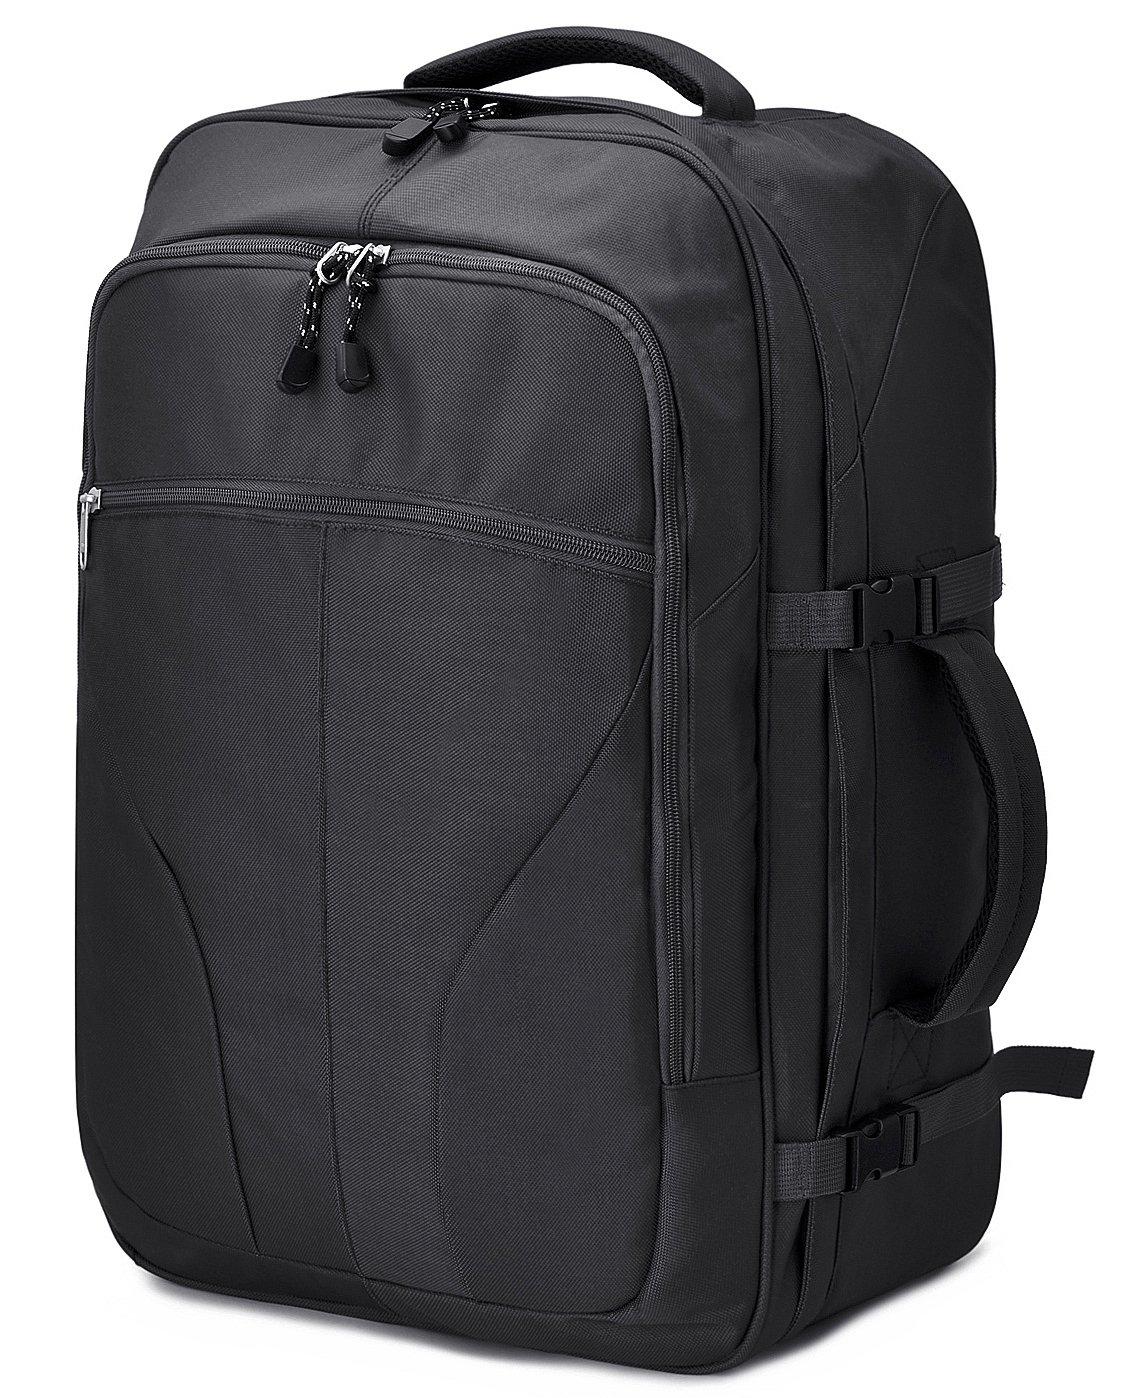 Travel Backpack, GRM Carry on Backpack Weekender Duffel Bag for Men Women, 54 L